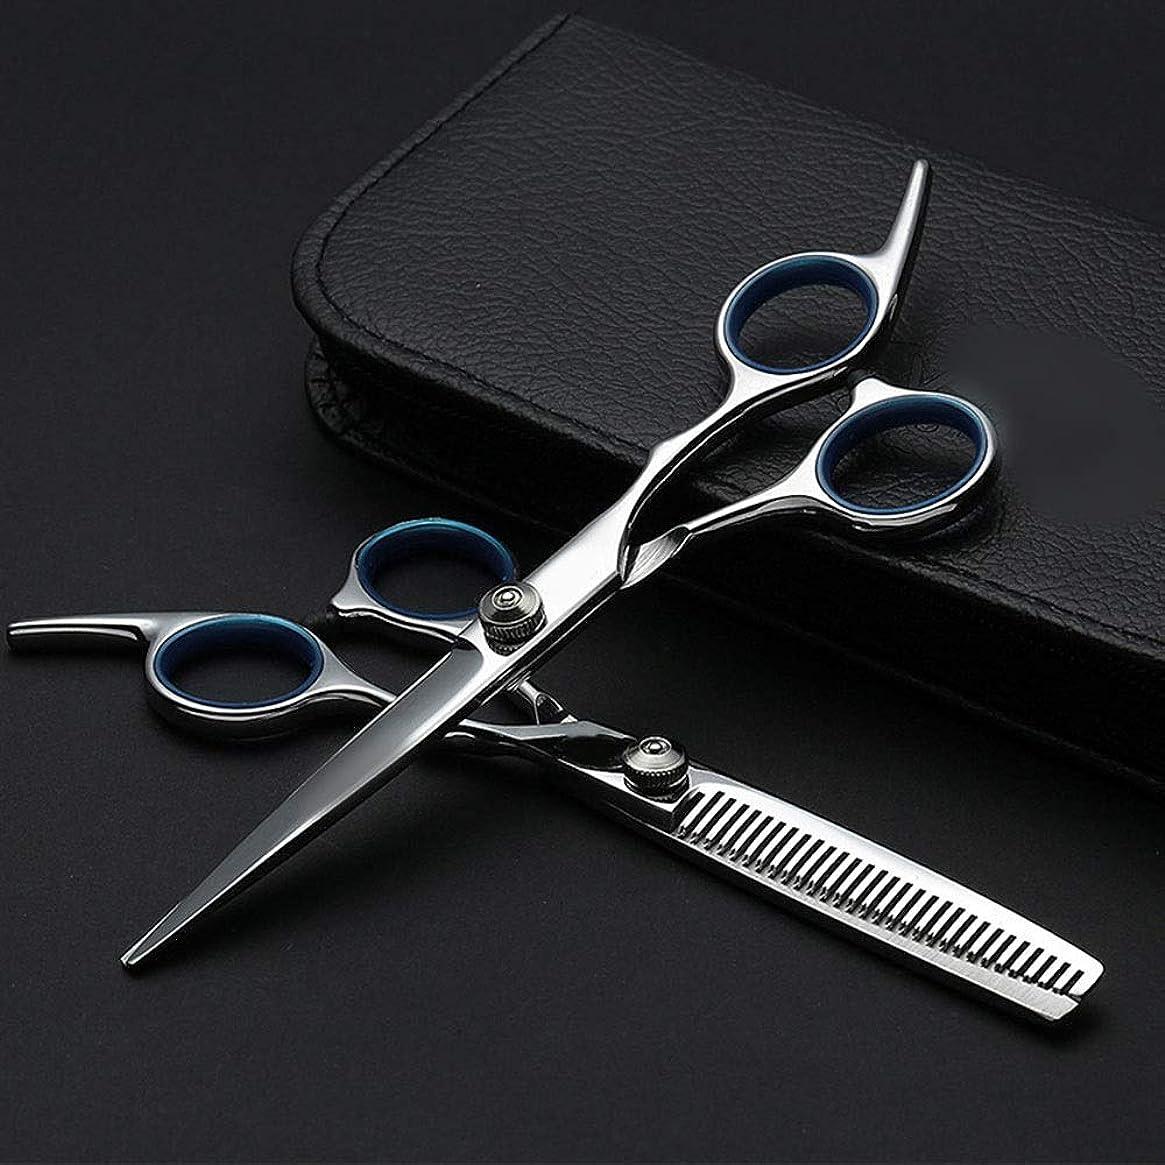 続ける最も遠い休暇6インチプロフェッショナル理髪セット、ハサミ+フラットハサミ モデリングツール (色 : Silver)